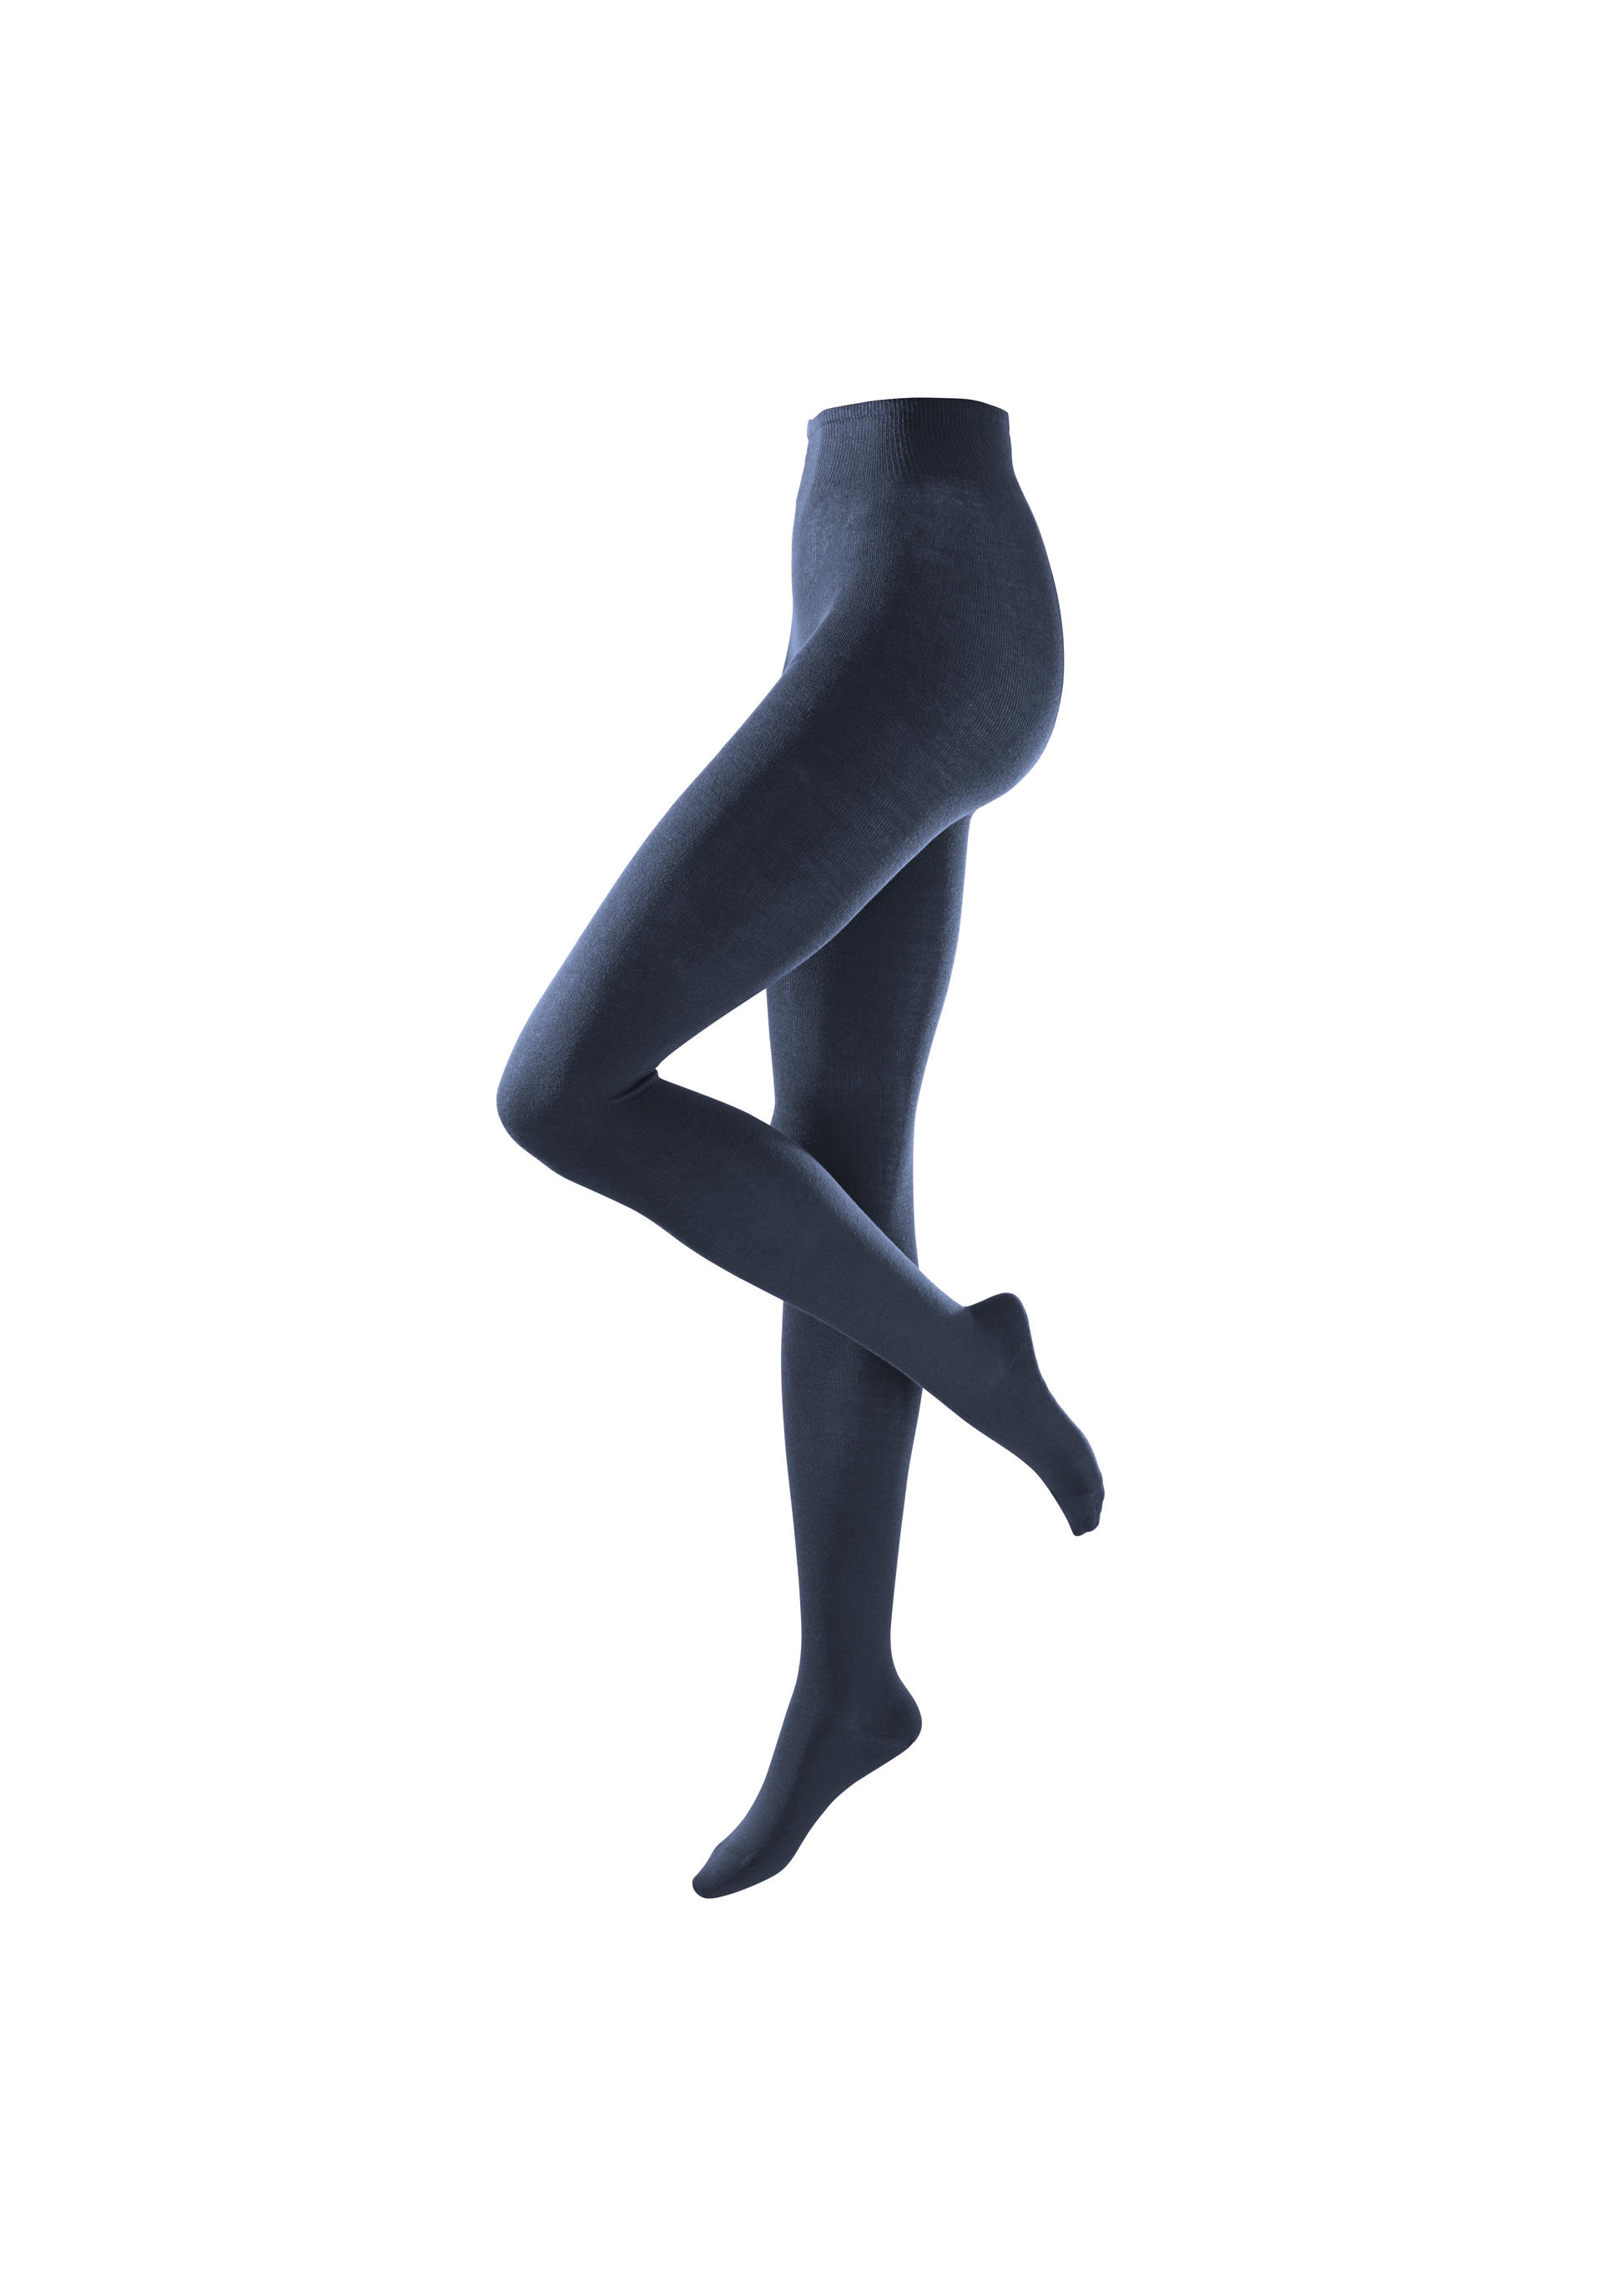 Welche strumpfhosen können männer tragen. Welche